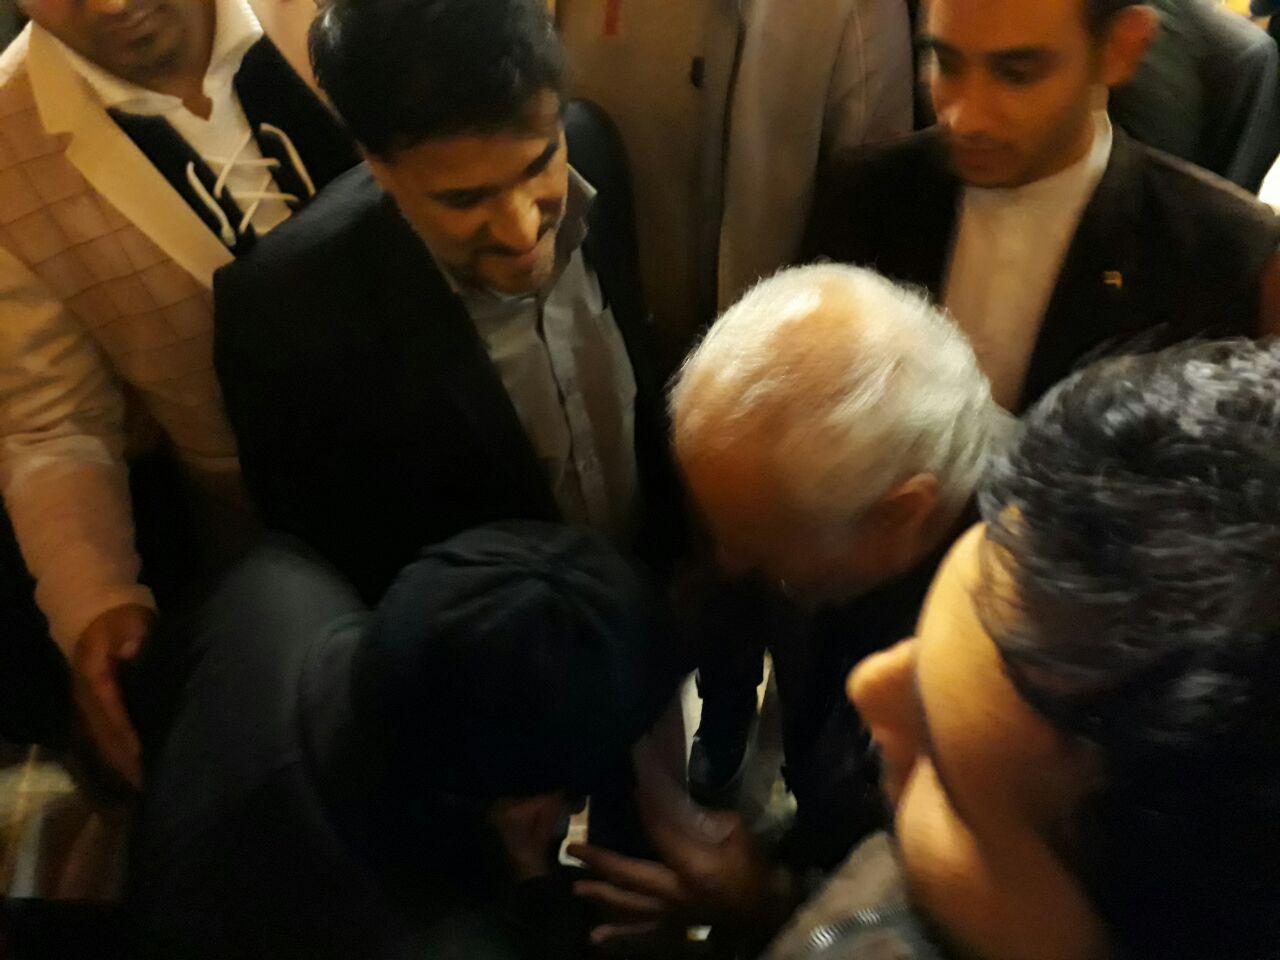 خوش و بش استاد حسن عباسی با یک پدر شهید پس از سخنرانی در شهر صحنه استان کرمانشاه